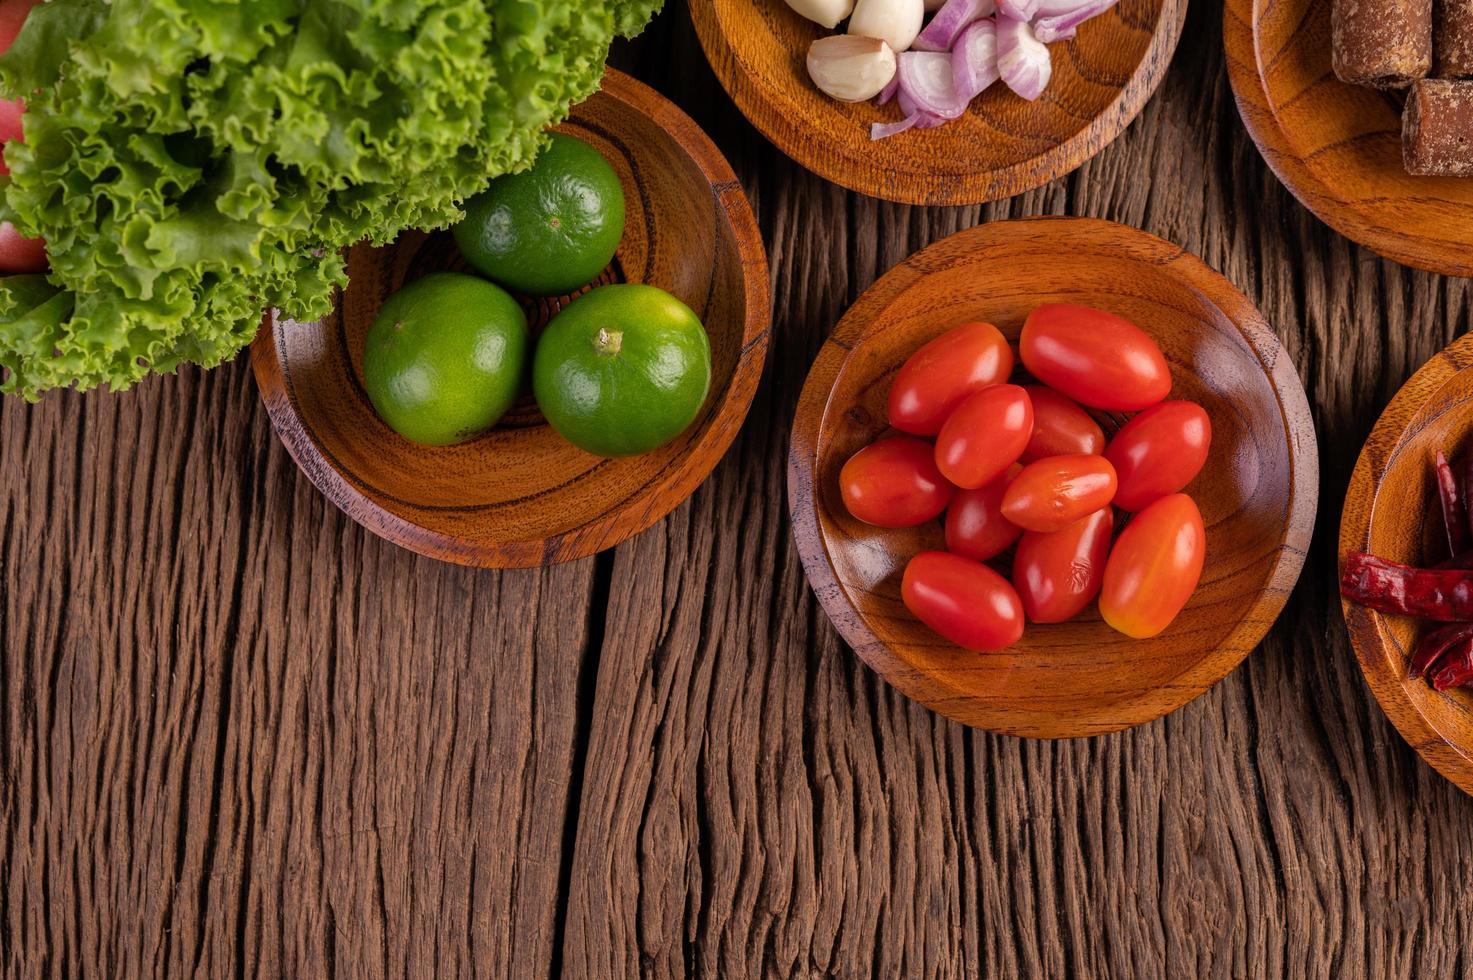 Palmzucker, rote Zwiebeln, getrocknete Paprika, Tomaten, Gurken, Gartenbohnen und Salat foto